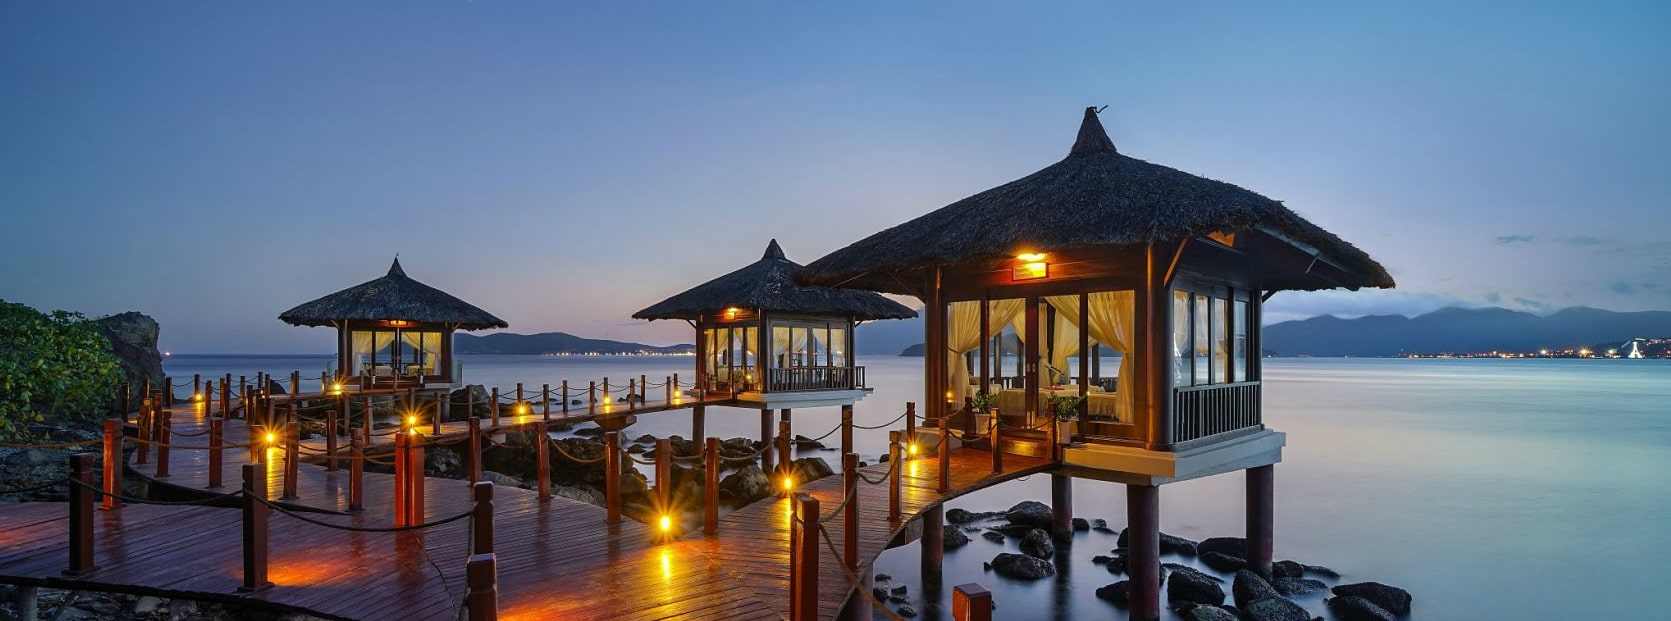 Resort Đà Nẵng 5 sao